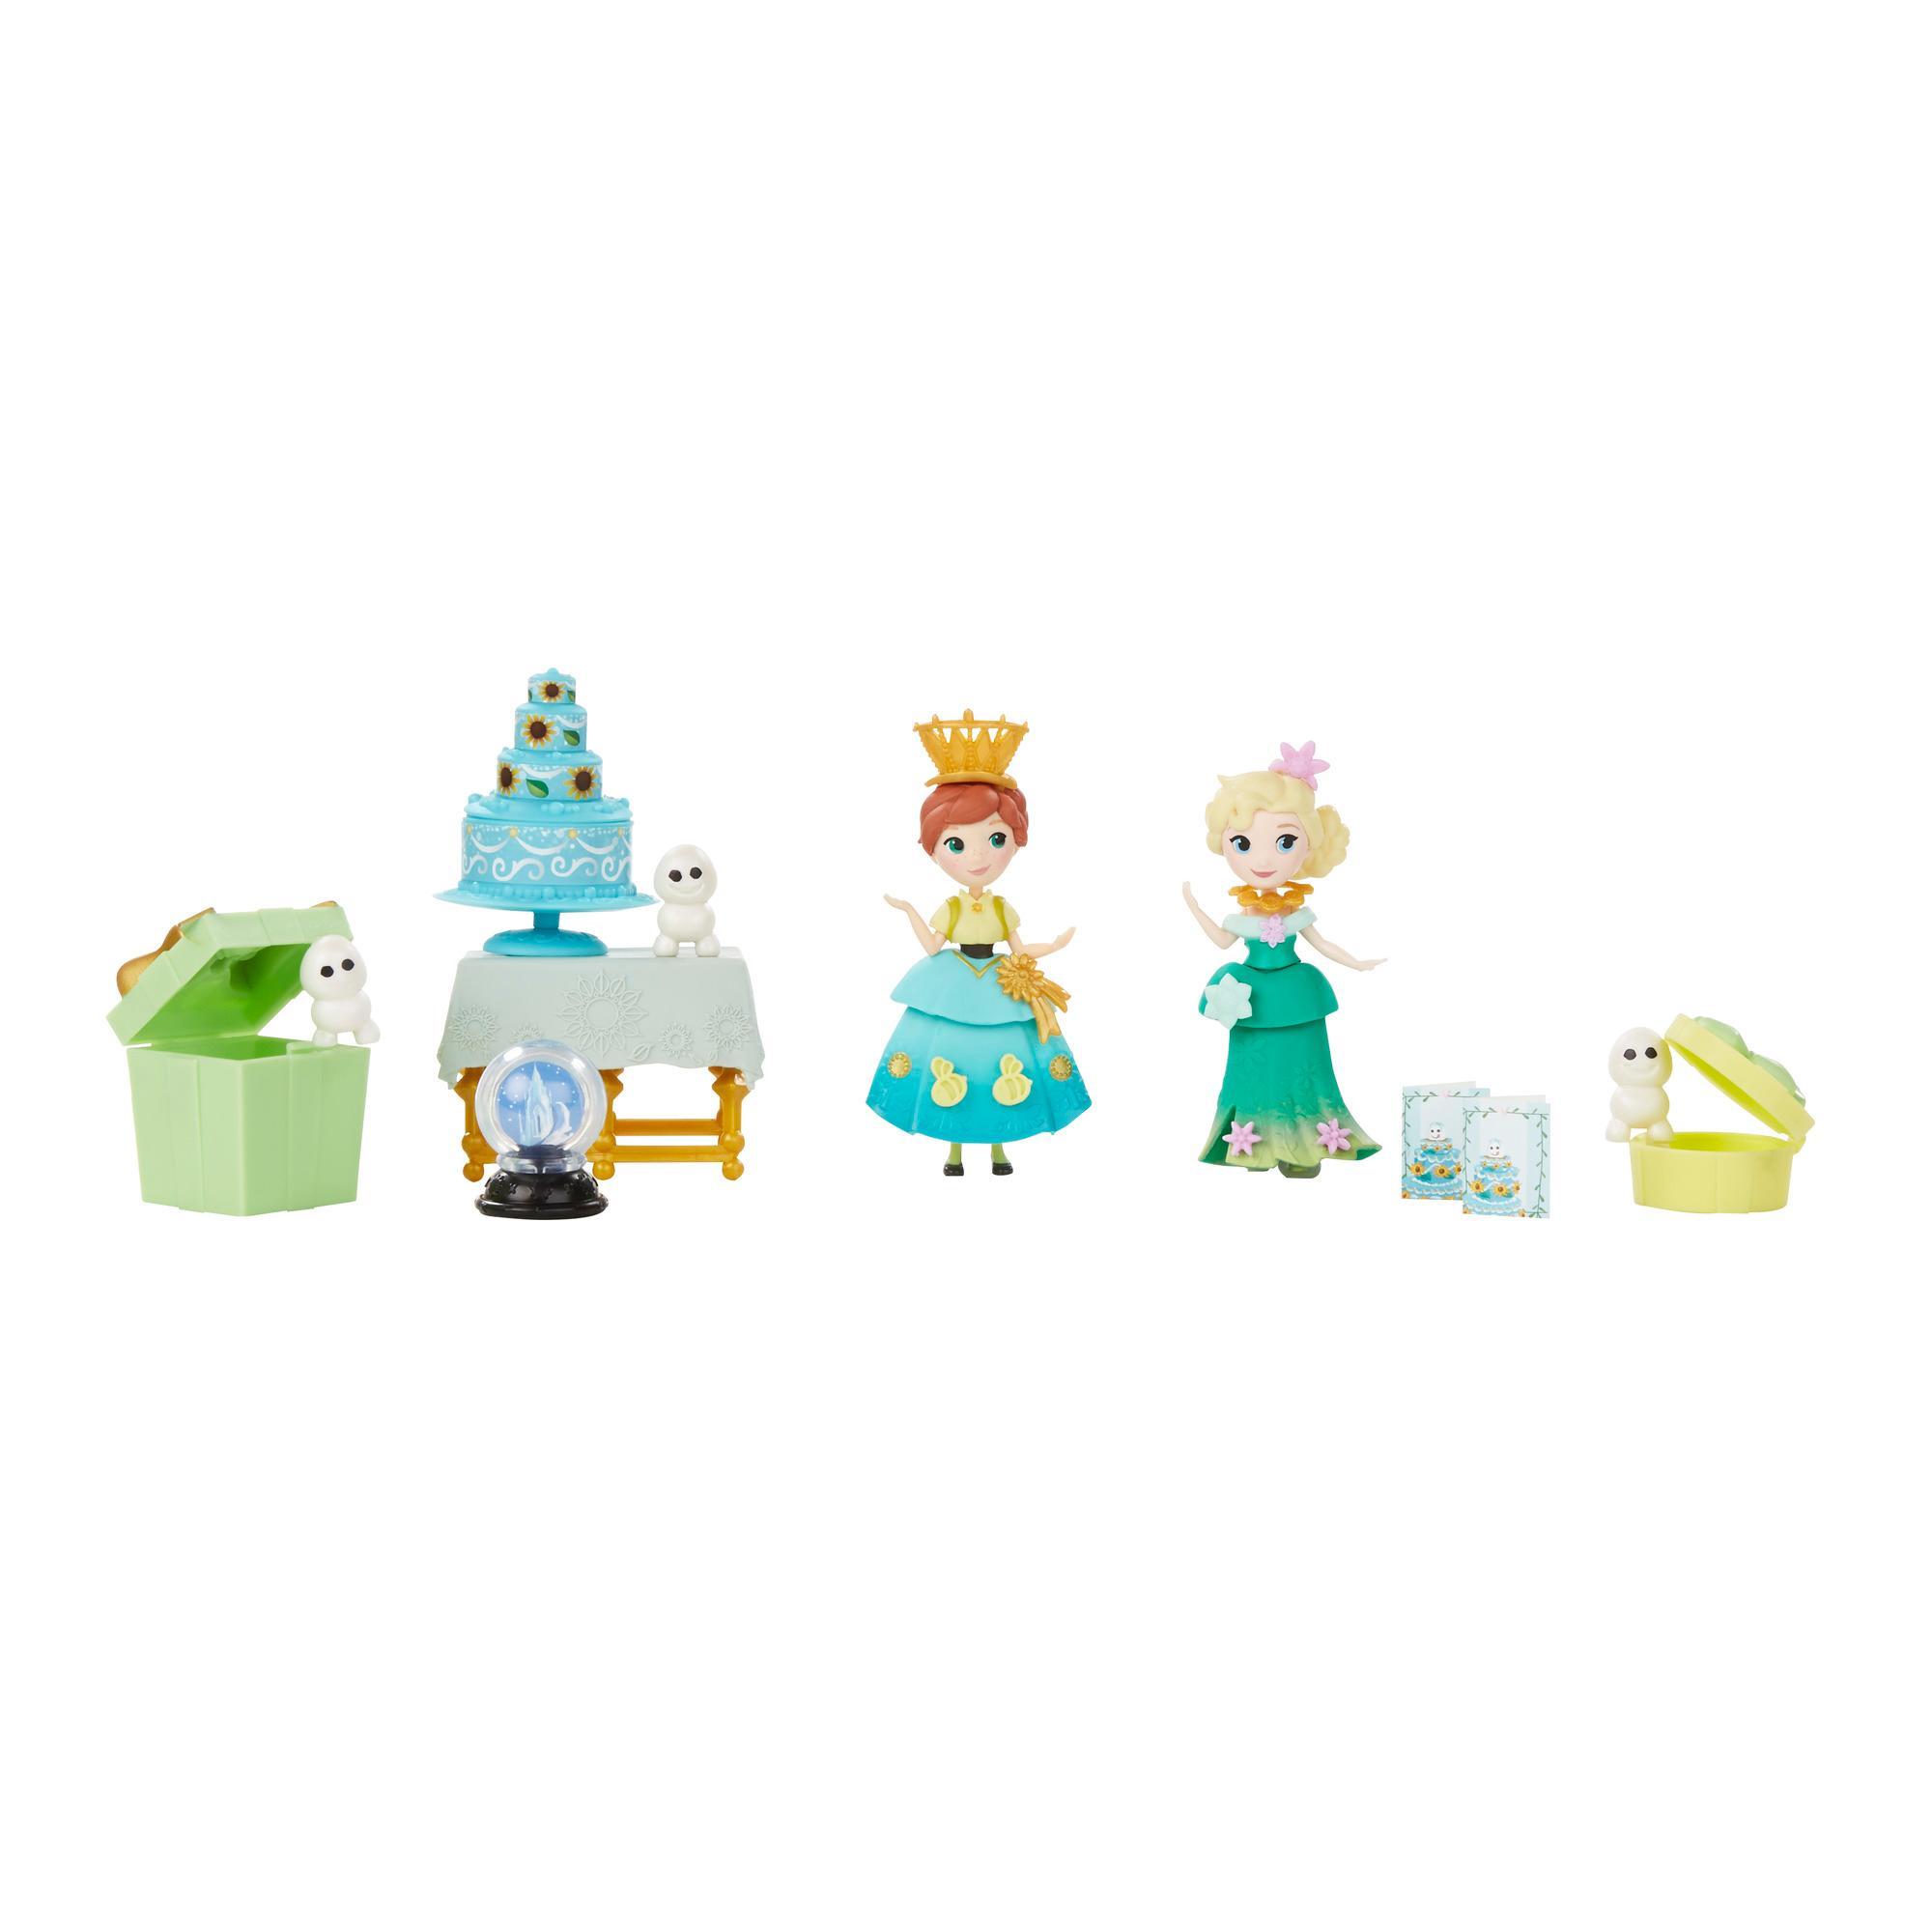 Die Eiskönigin Little Kingdom Bezaubernde Momente Geburtstagsset